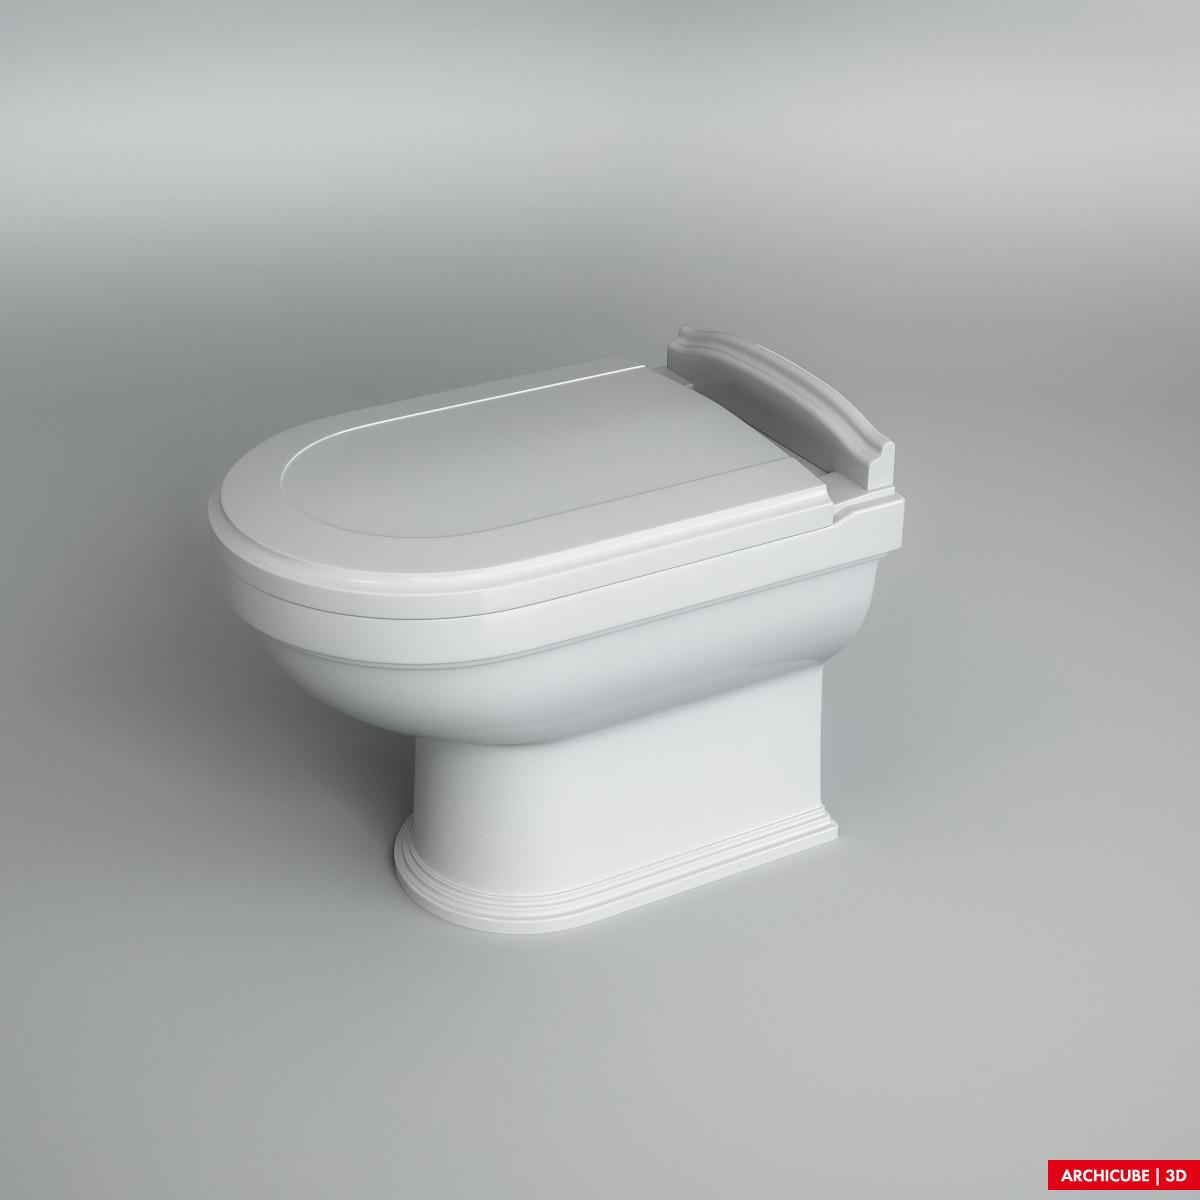 Toilet wc 02 3d model max obj fbx - Wc model ...